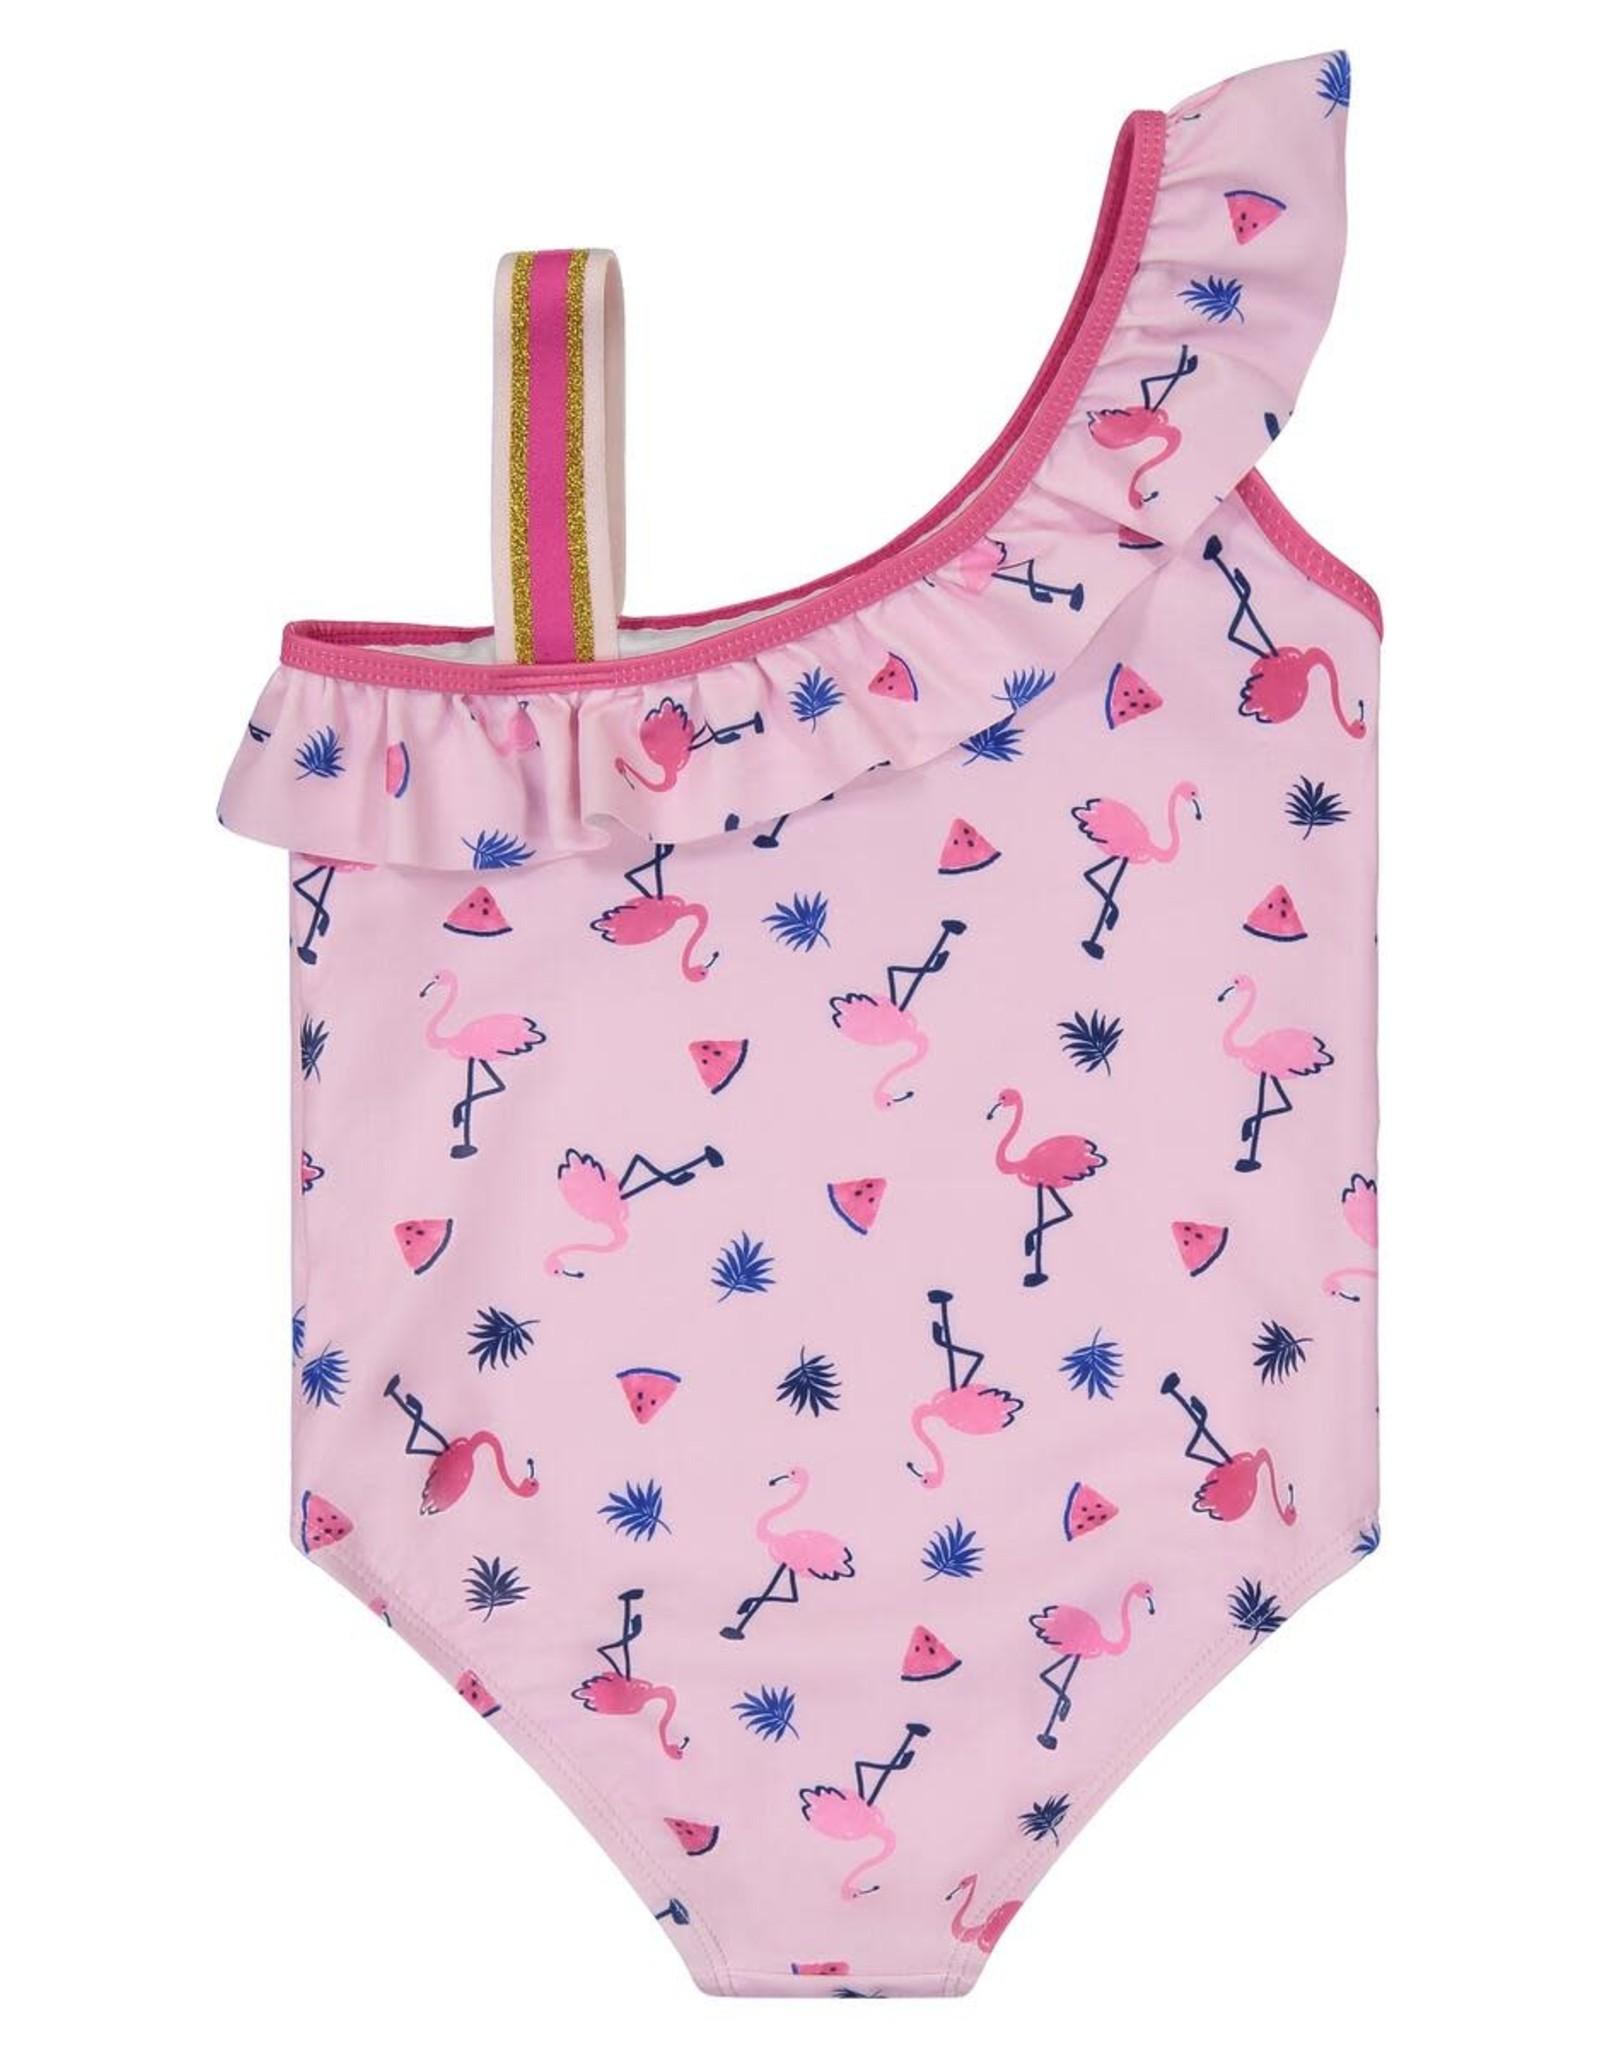 Andy & Evan Andy & Evan One Piece Swimsuit, Flamingo